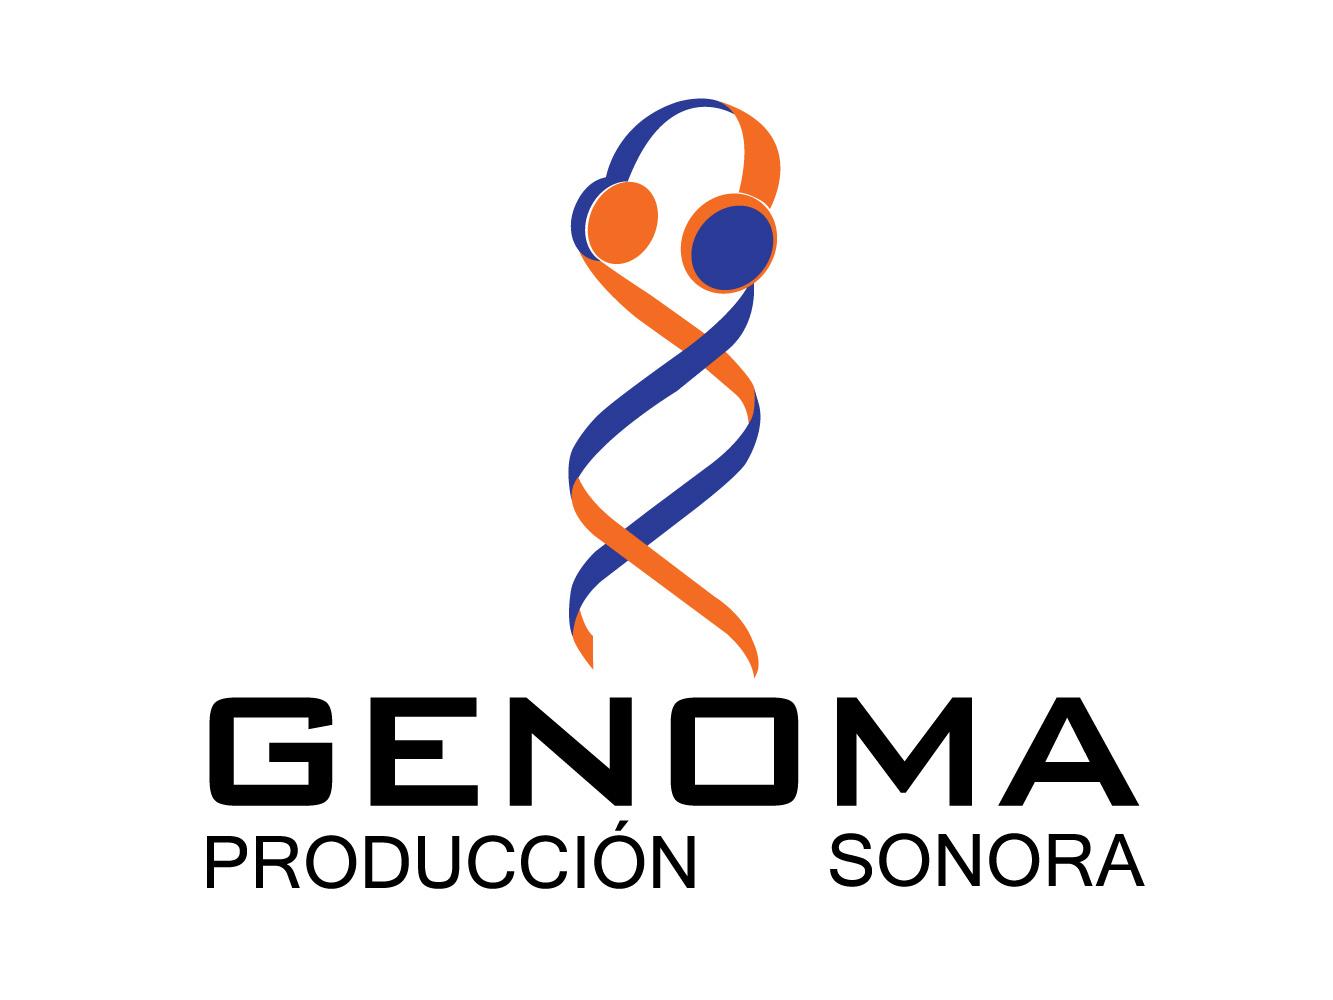 Genoma Produccion Sonora